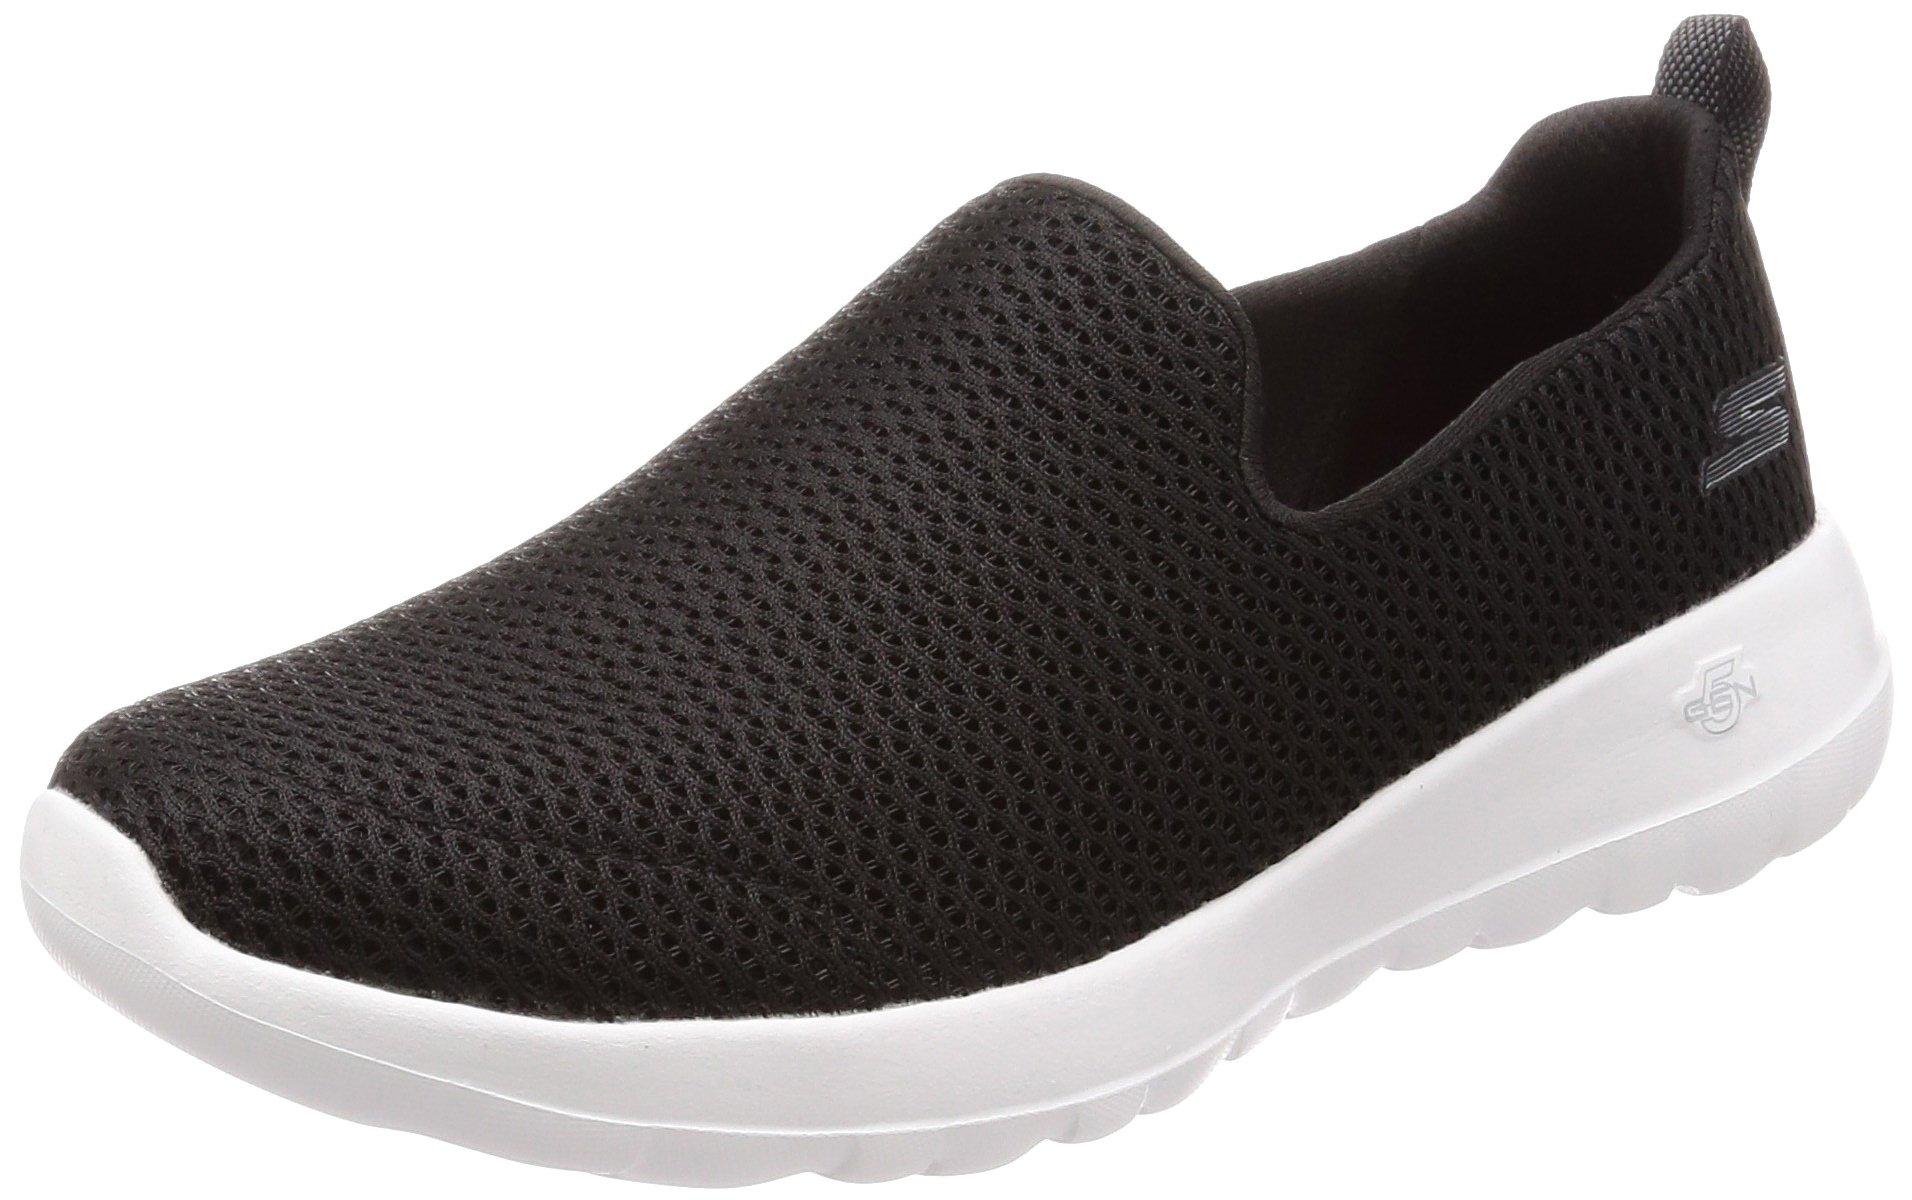 Skechers Performance Women's Go Walk Joy Walking Shoe,black/white,5 M US by Skechers (Image #1)